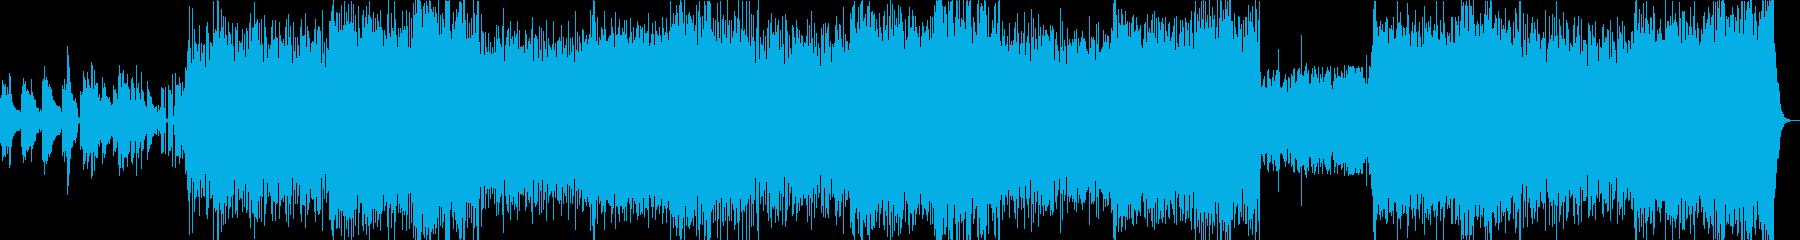 ダンスミュージックと「和」の統合曲の再生済みの波形